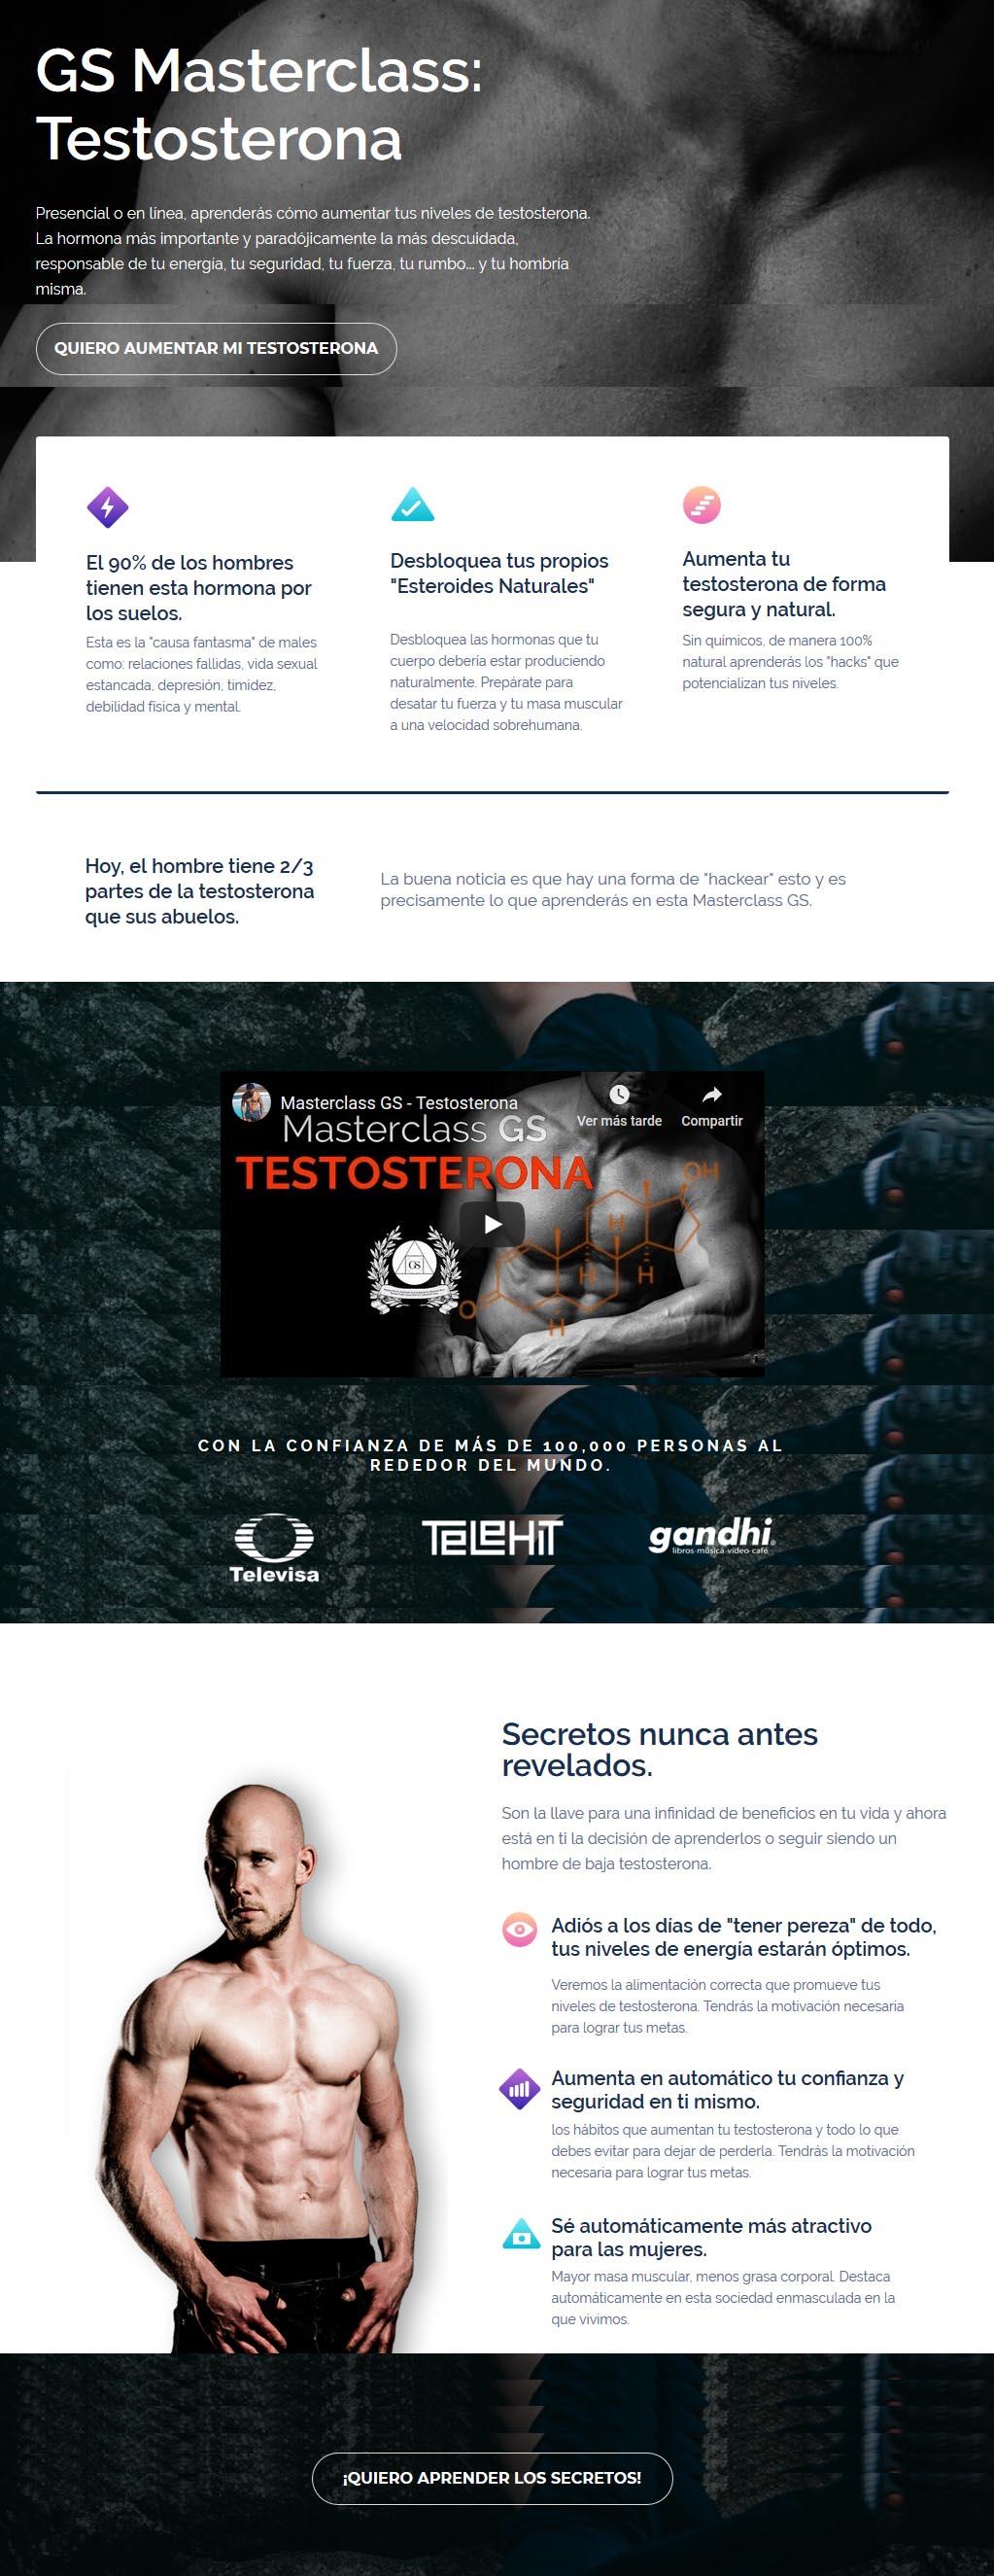 Masterclass Testosterona - gerry sánchez